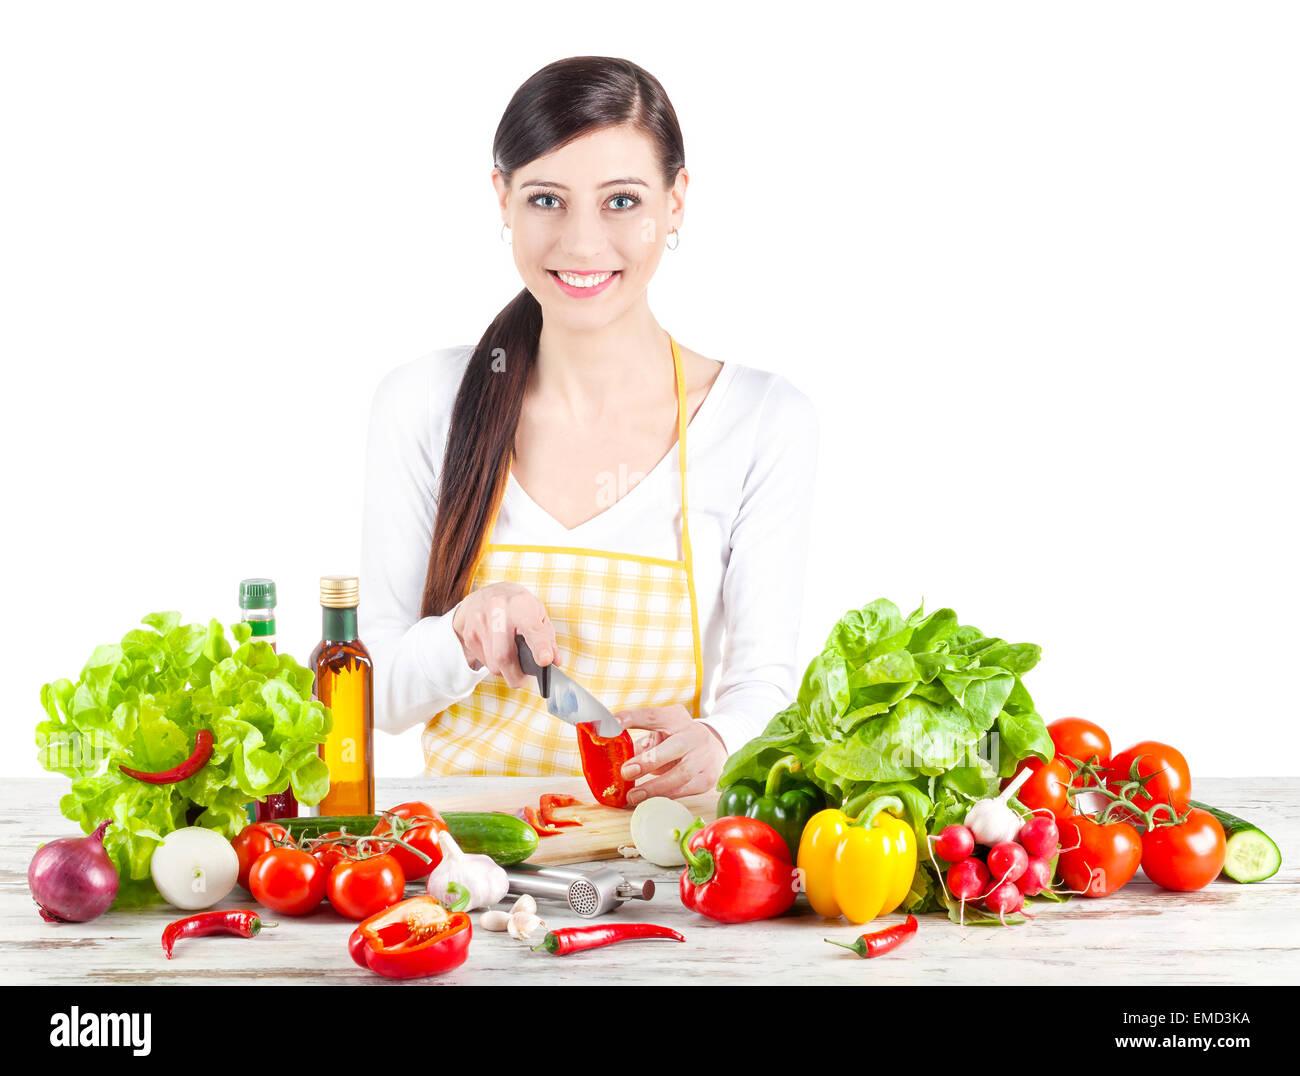 Smiling woman preparing salad. L'alimentation saine et l'alimentation de concept. Isolé sur blanc. Banque D'Images